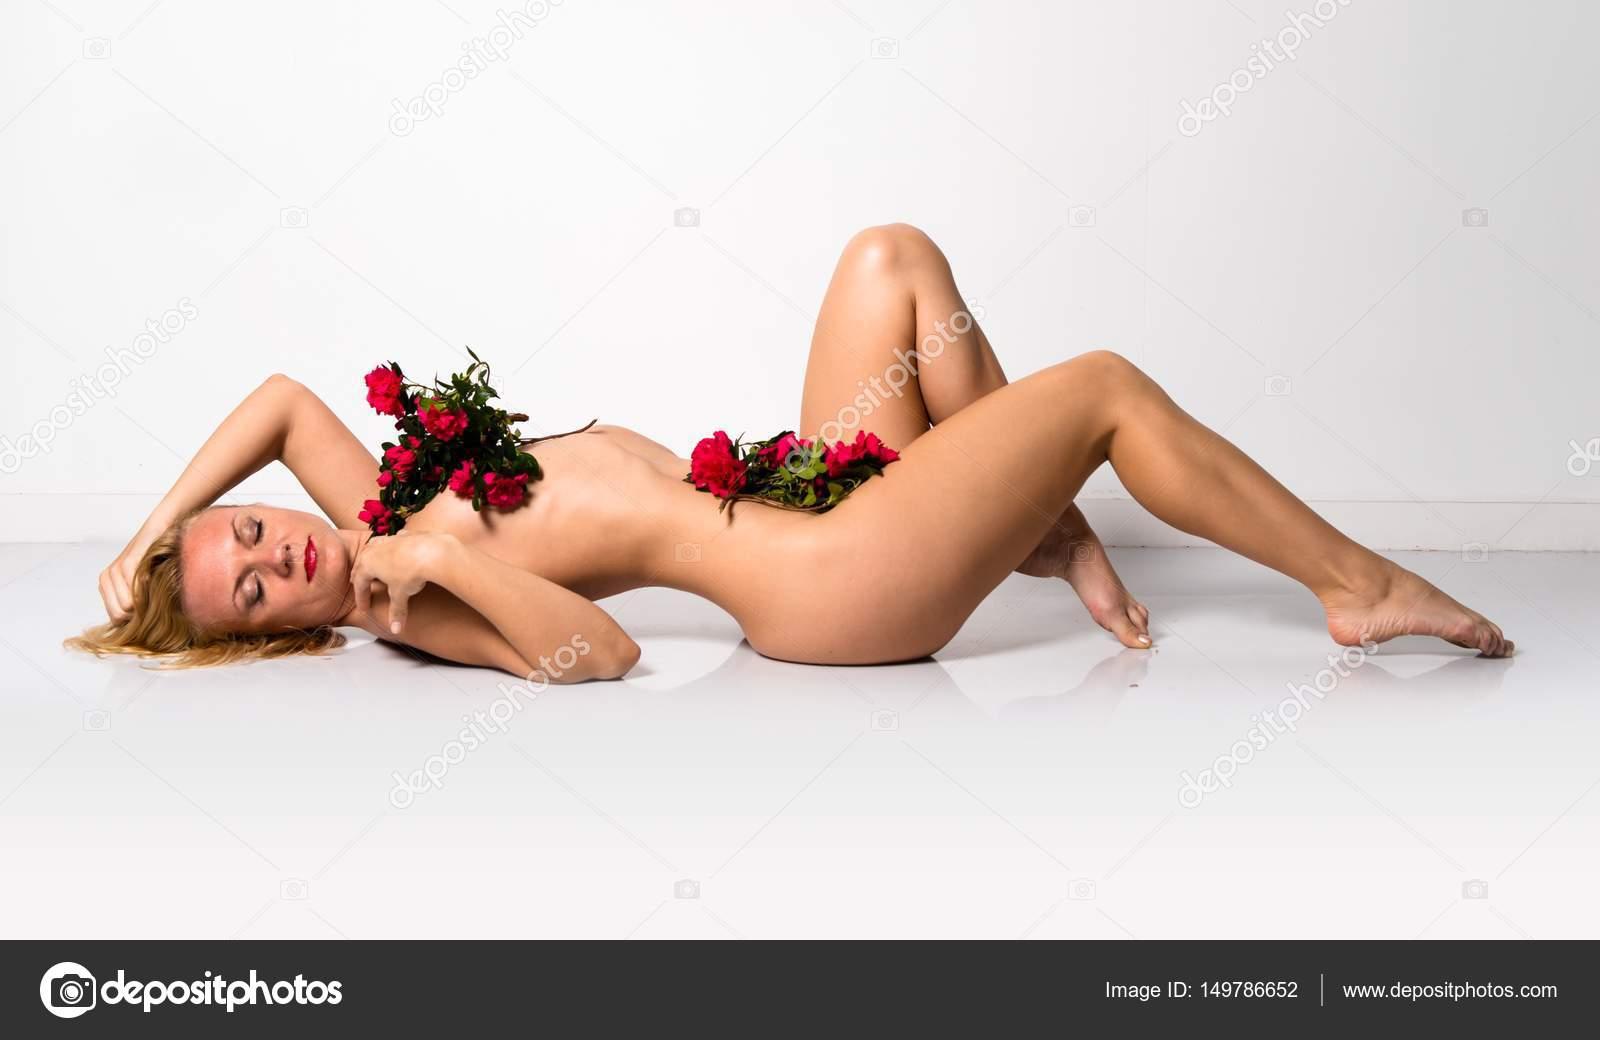 σέξι κορίτσια κολλέγιο γυμνό φωτογραφίες γκέι σούπερ ηρωί πορνό